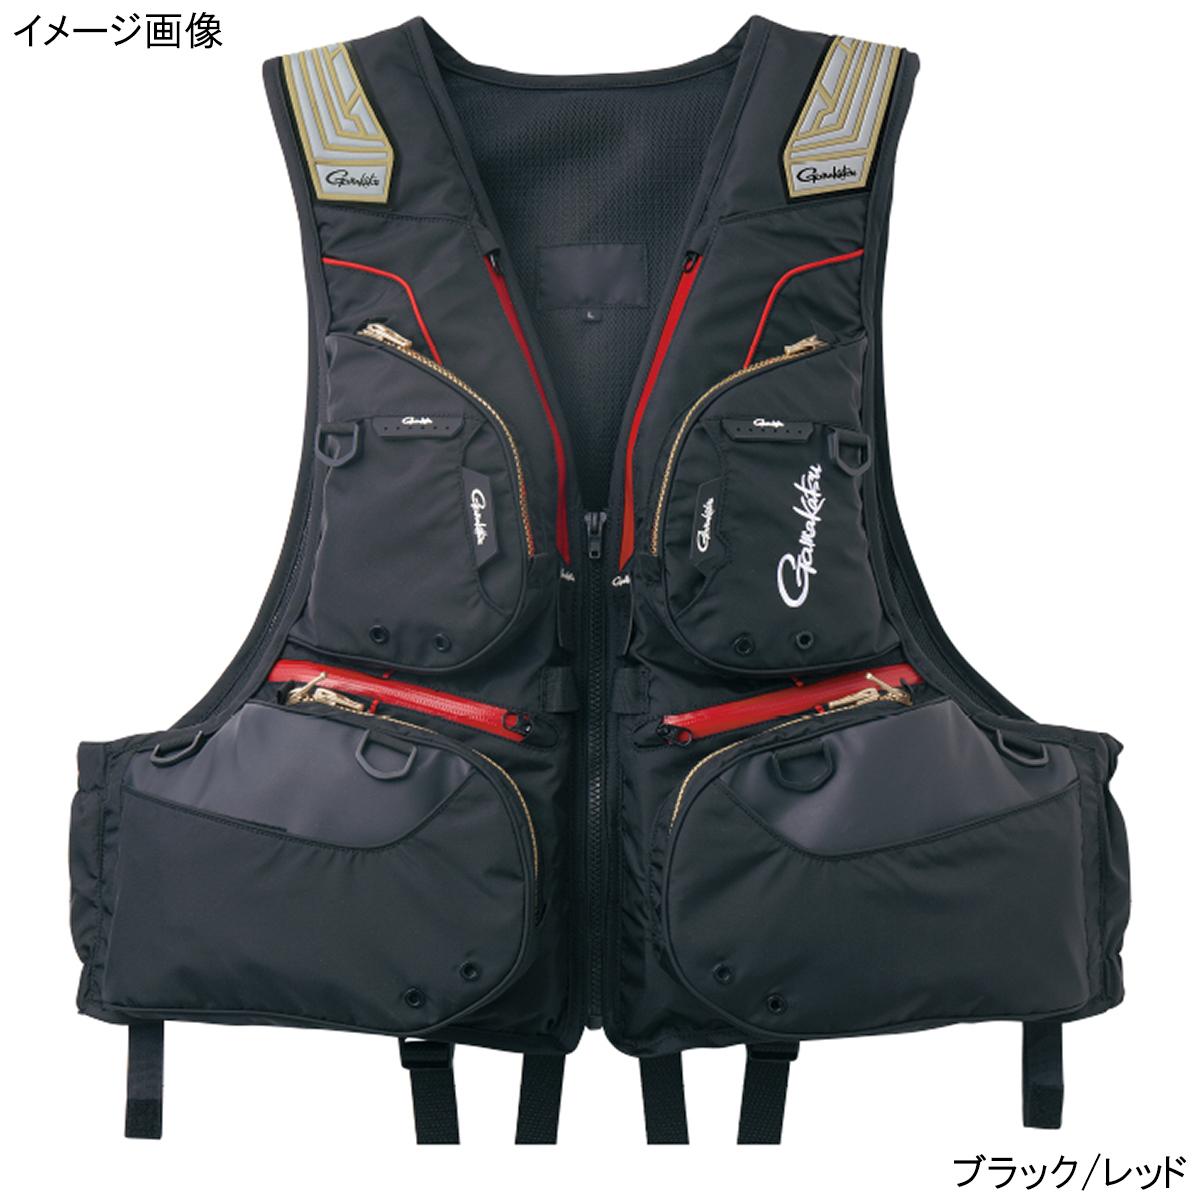 フローティングベスト GM-2175 L ブラック/レッド【送料無料】